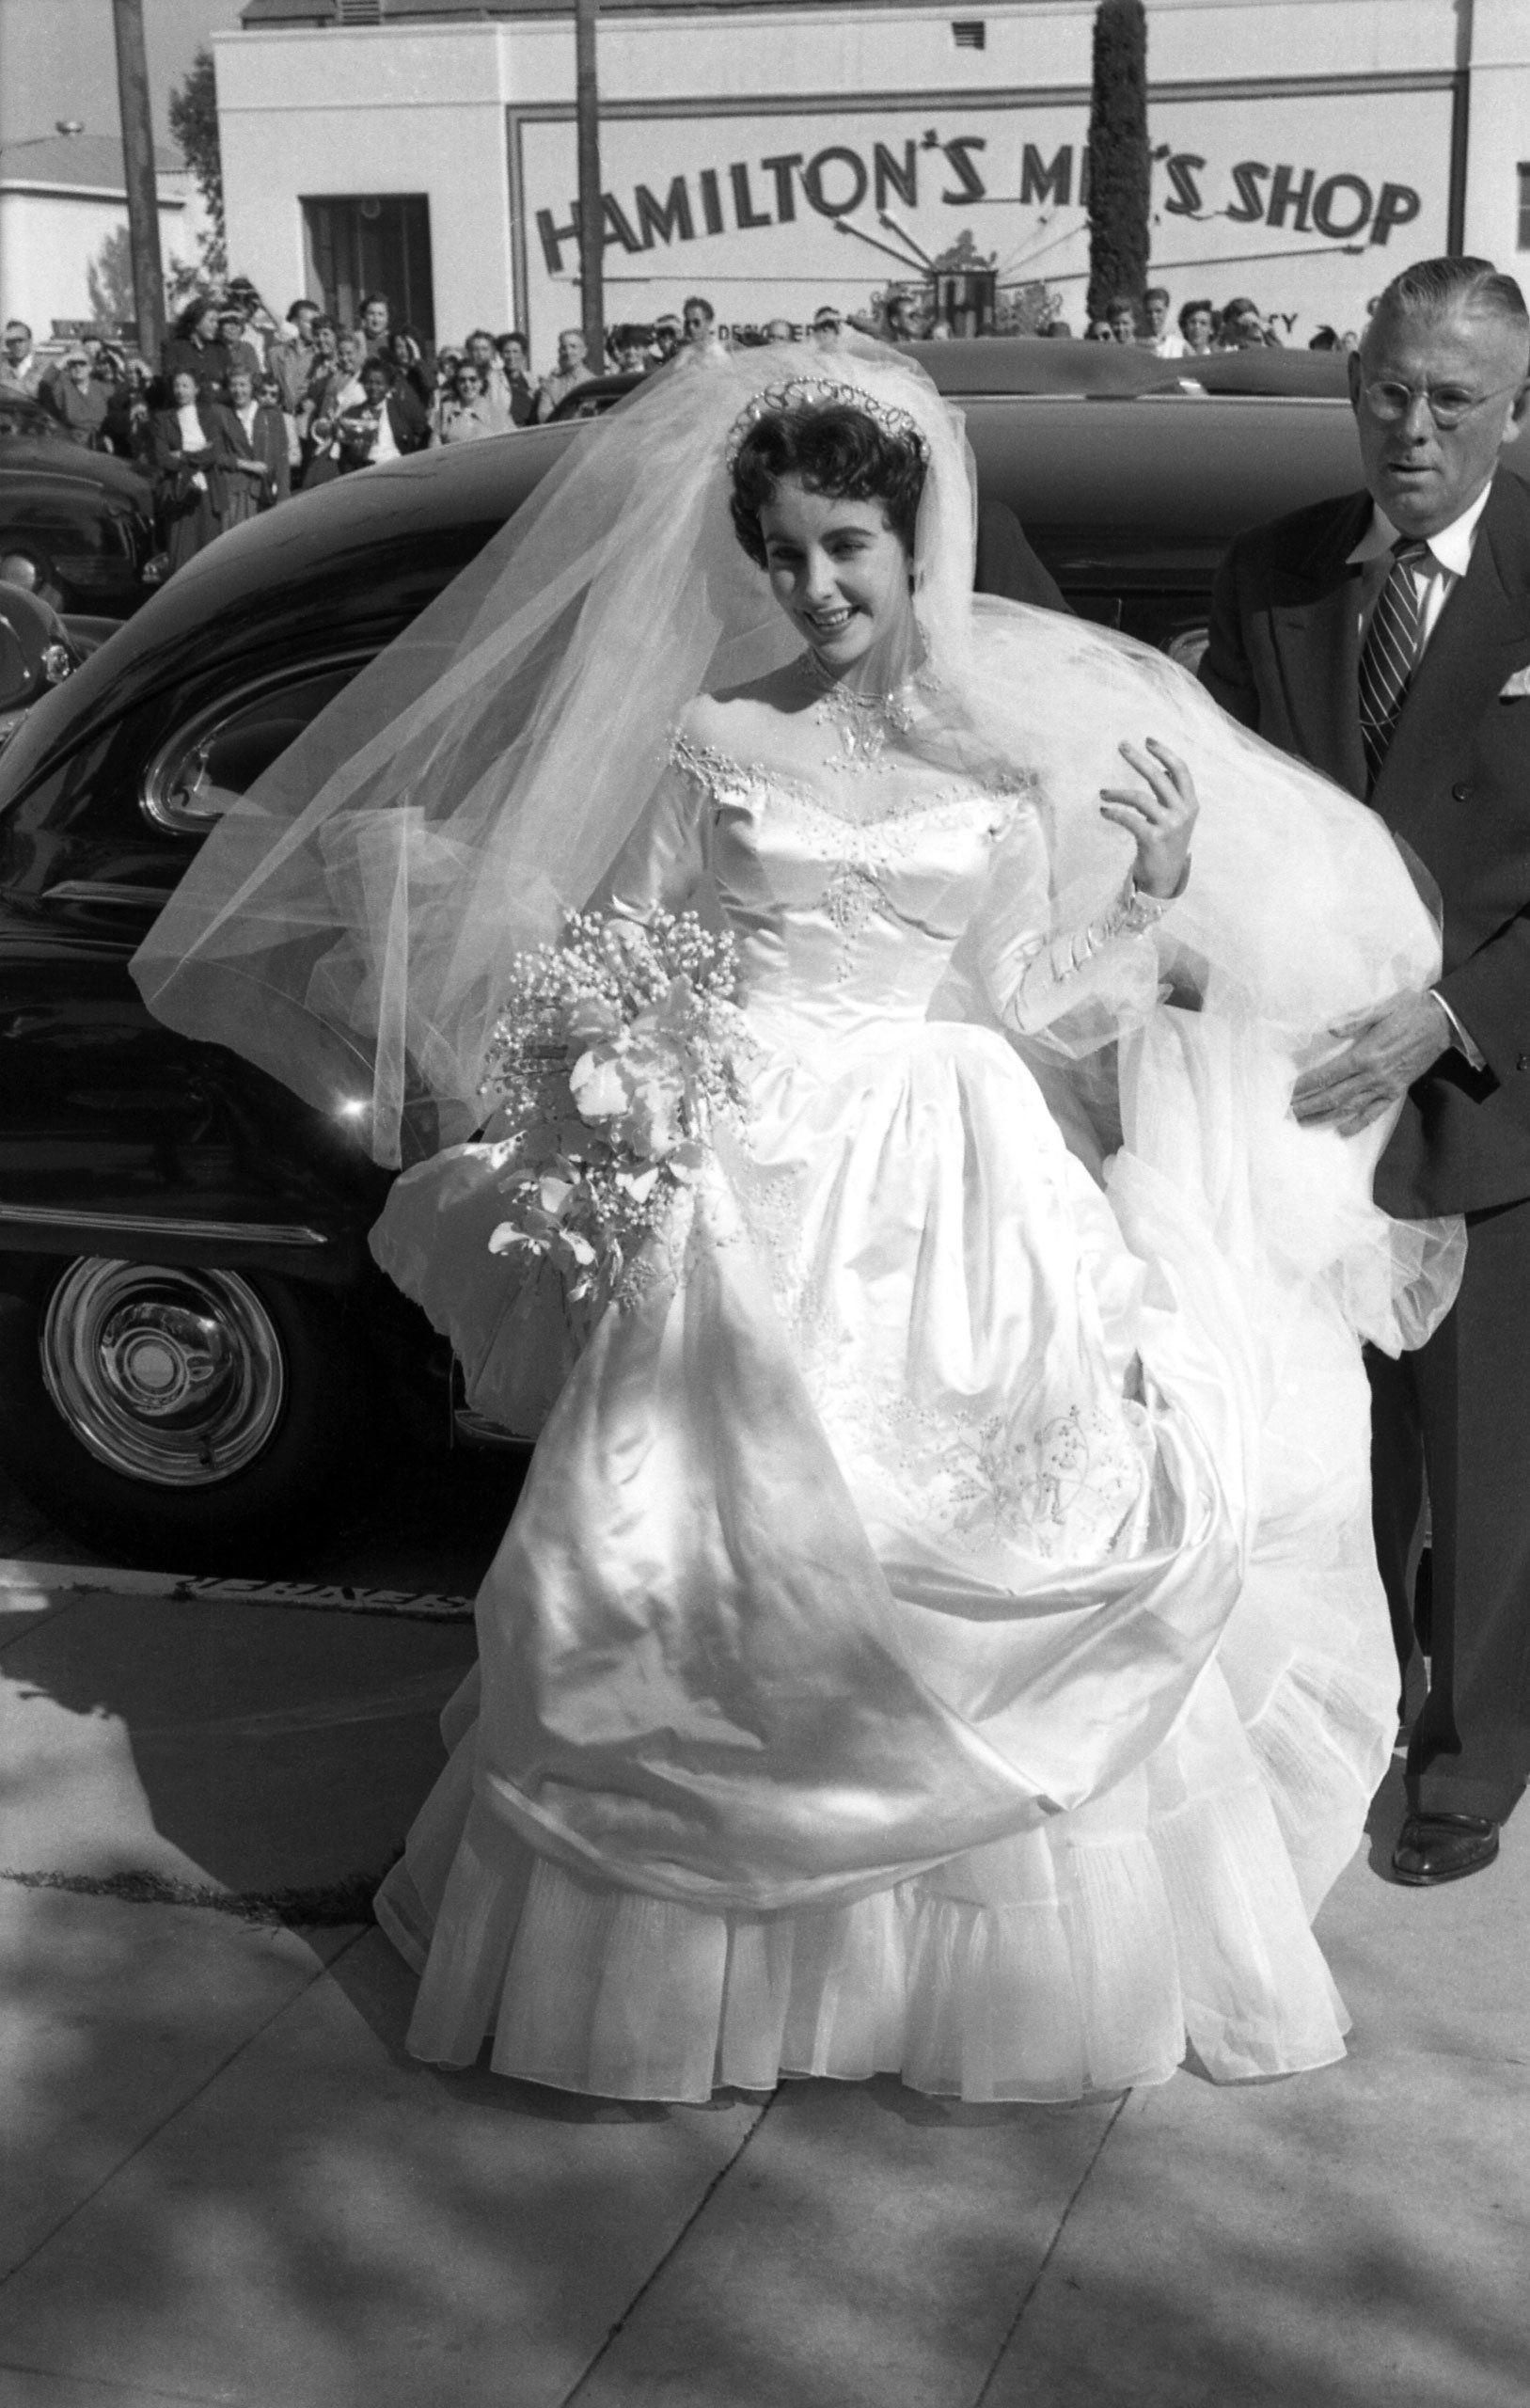 váy cưới chiết eo elizabeth taylor